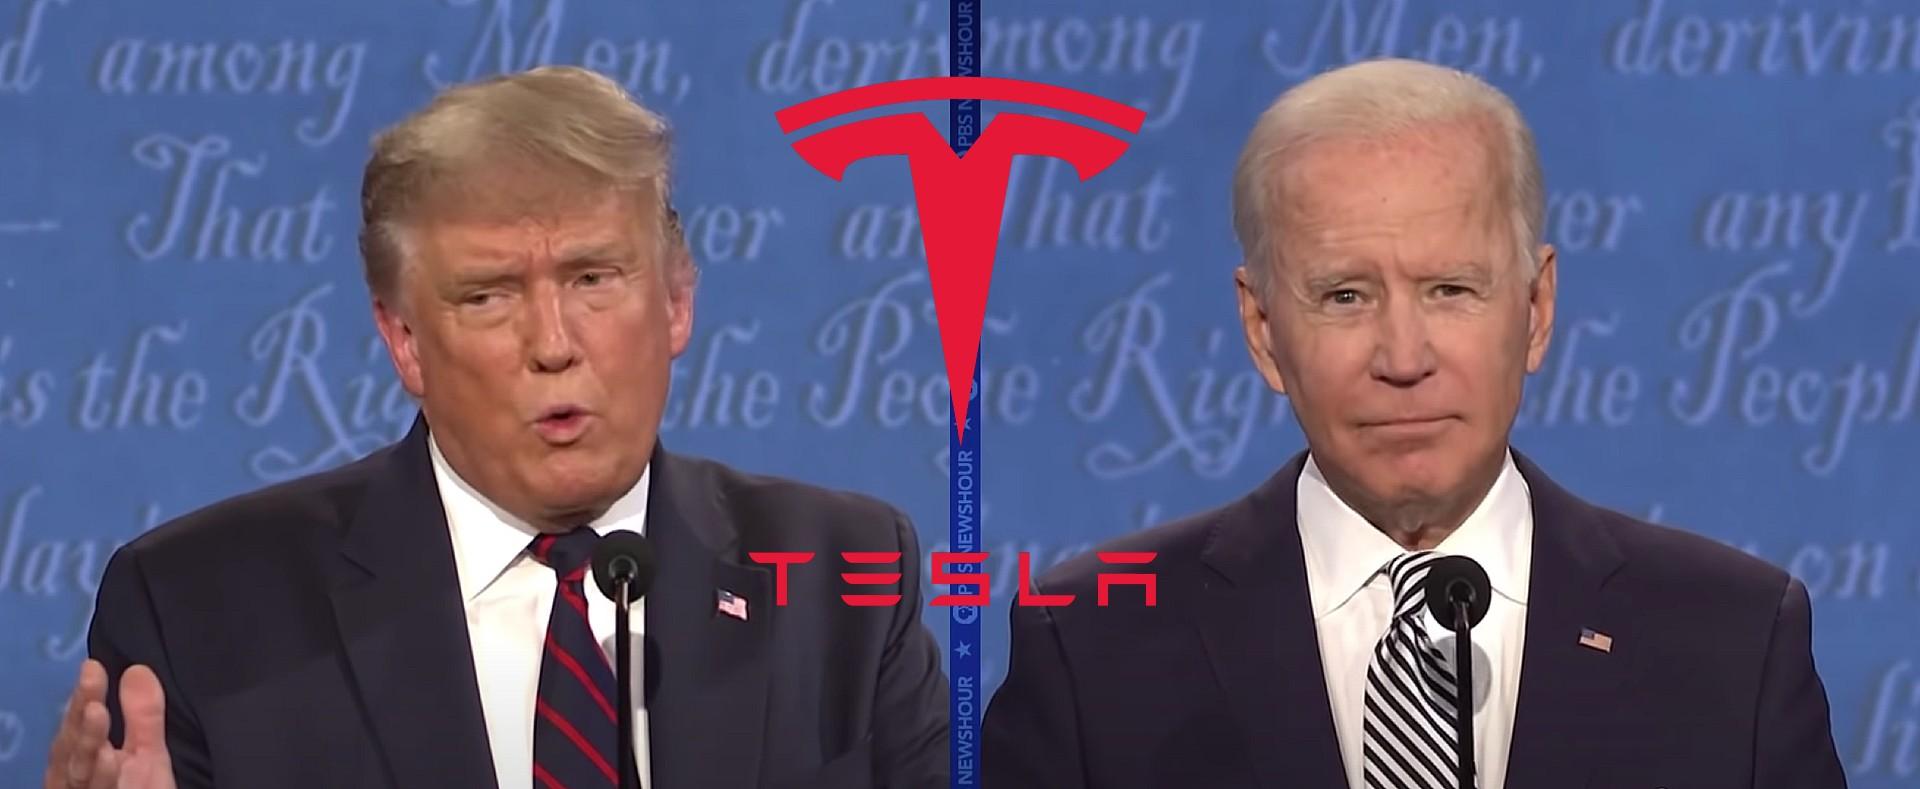 Какой президентский выбор лучше для будущего Tesla?